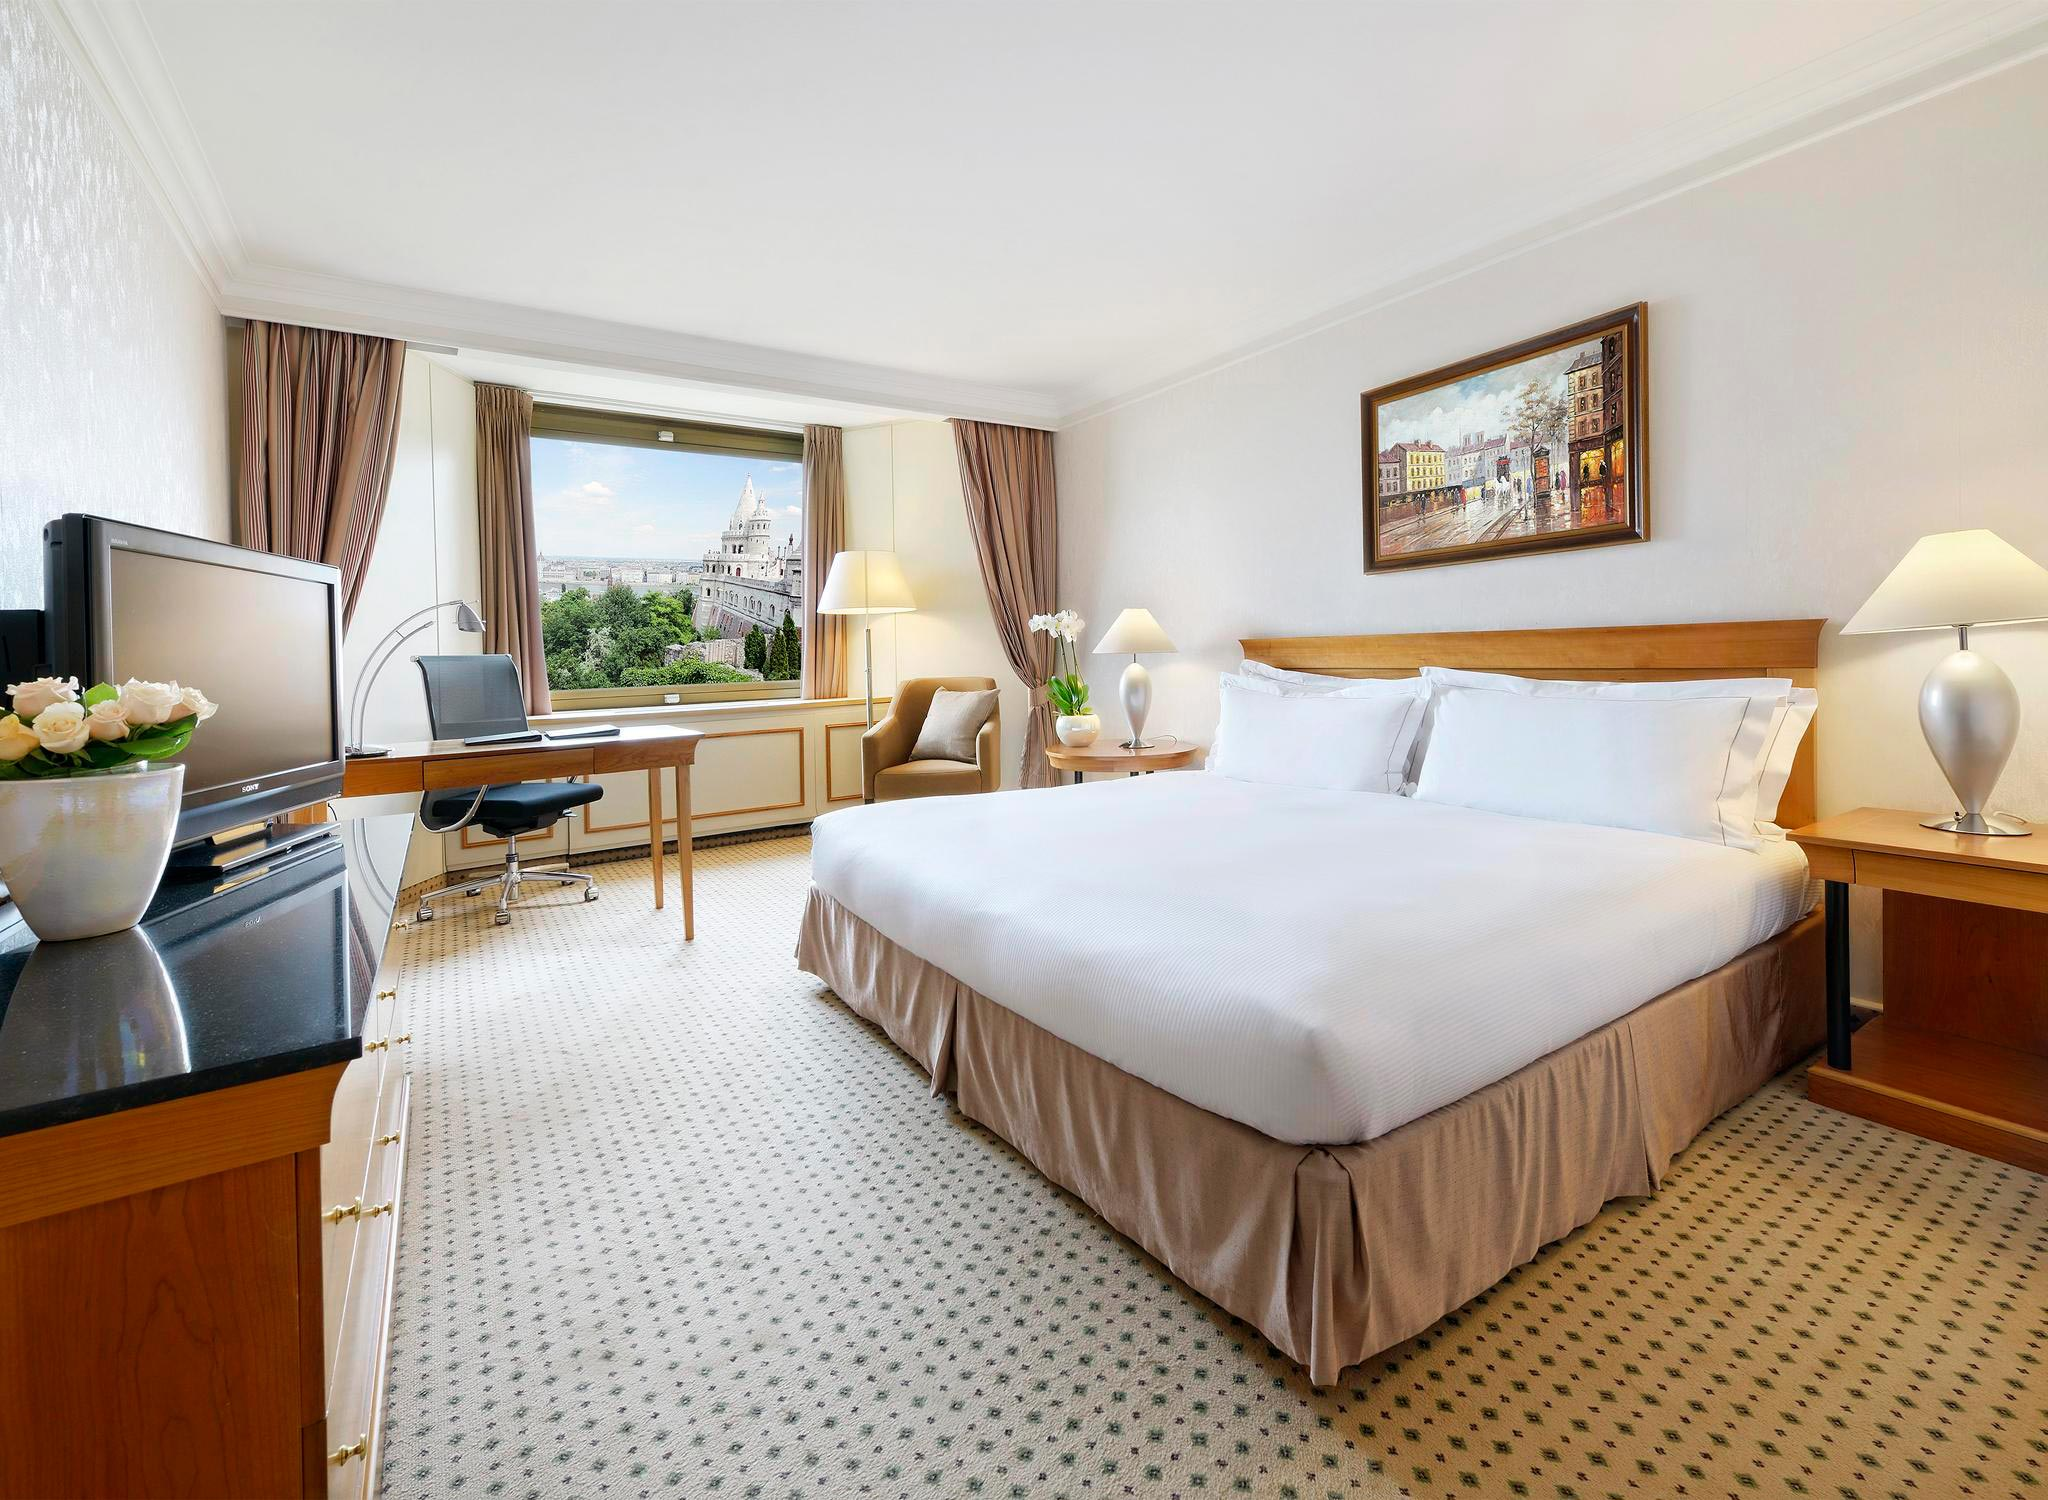 Deco Salle De Bain Suite Parentale ~ noken dans les h tels hilton luxe et sophistication dans la salle